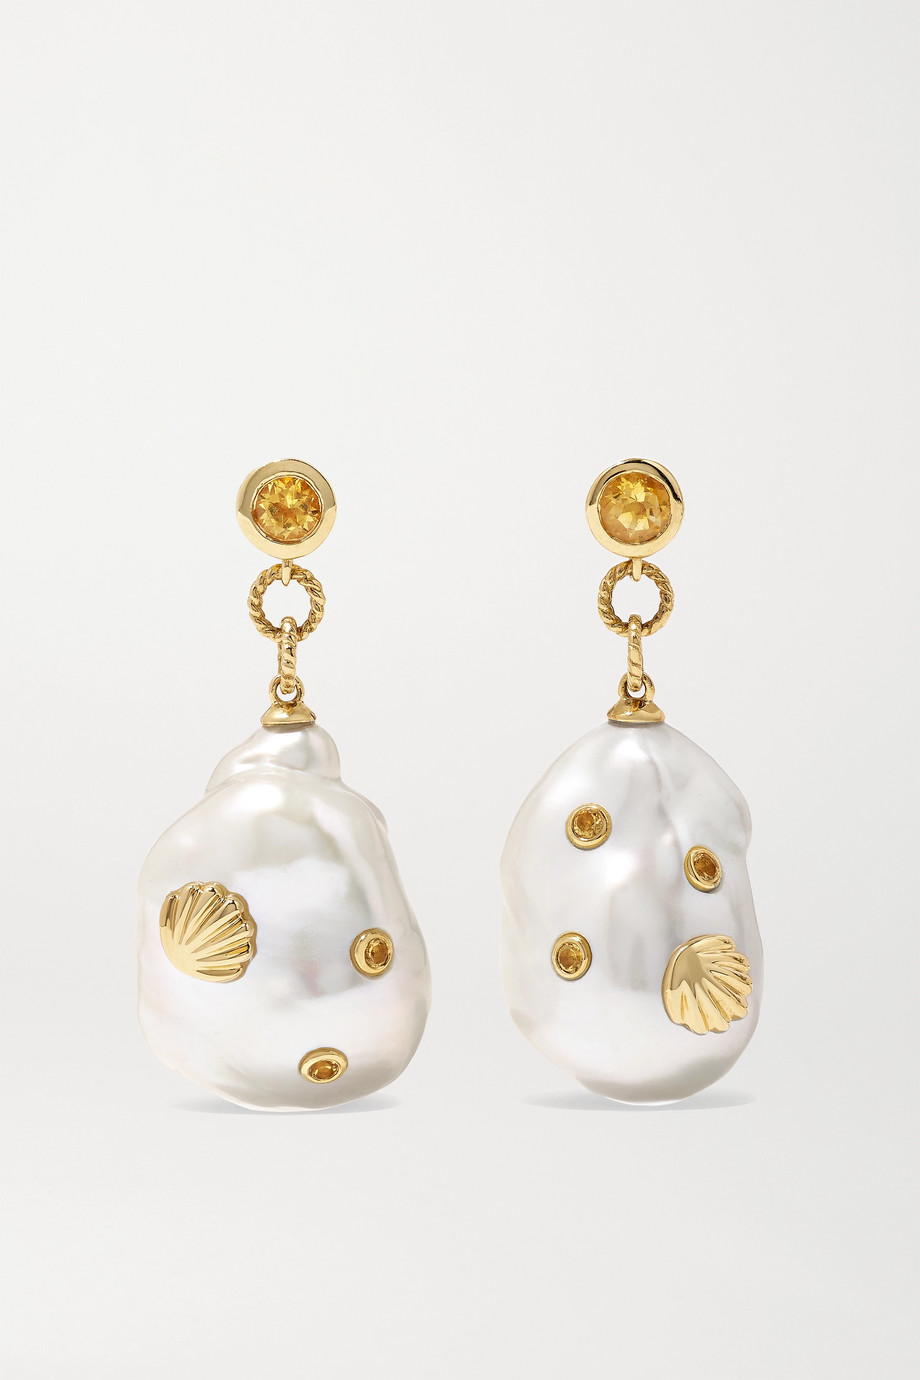 Yvonne Léon Boucles d'oreilles en or 9 carats, perles et citrines